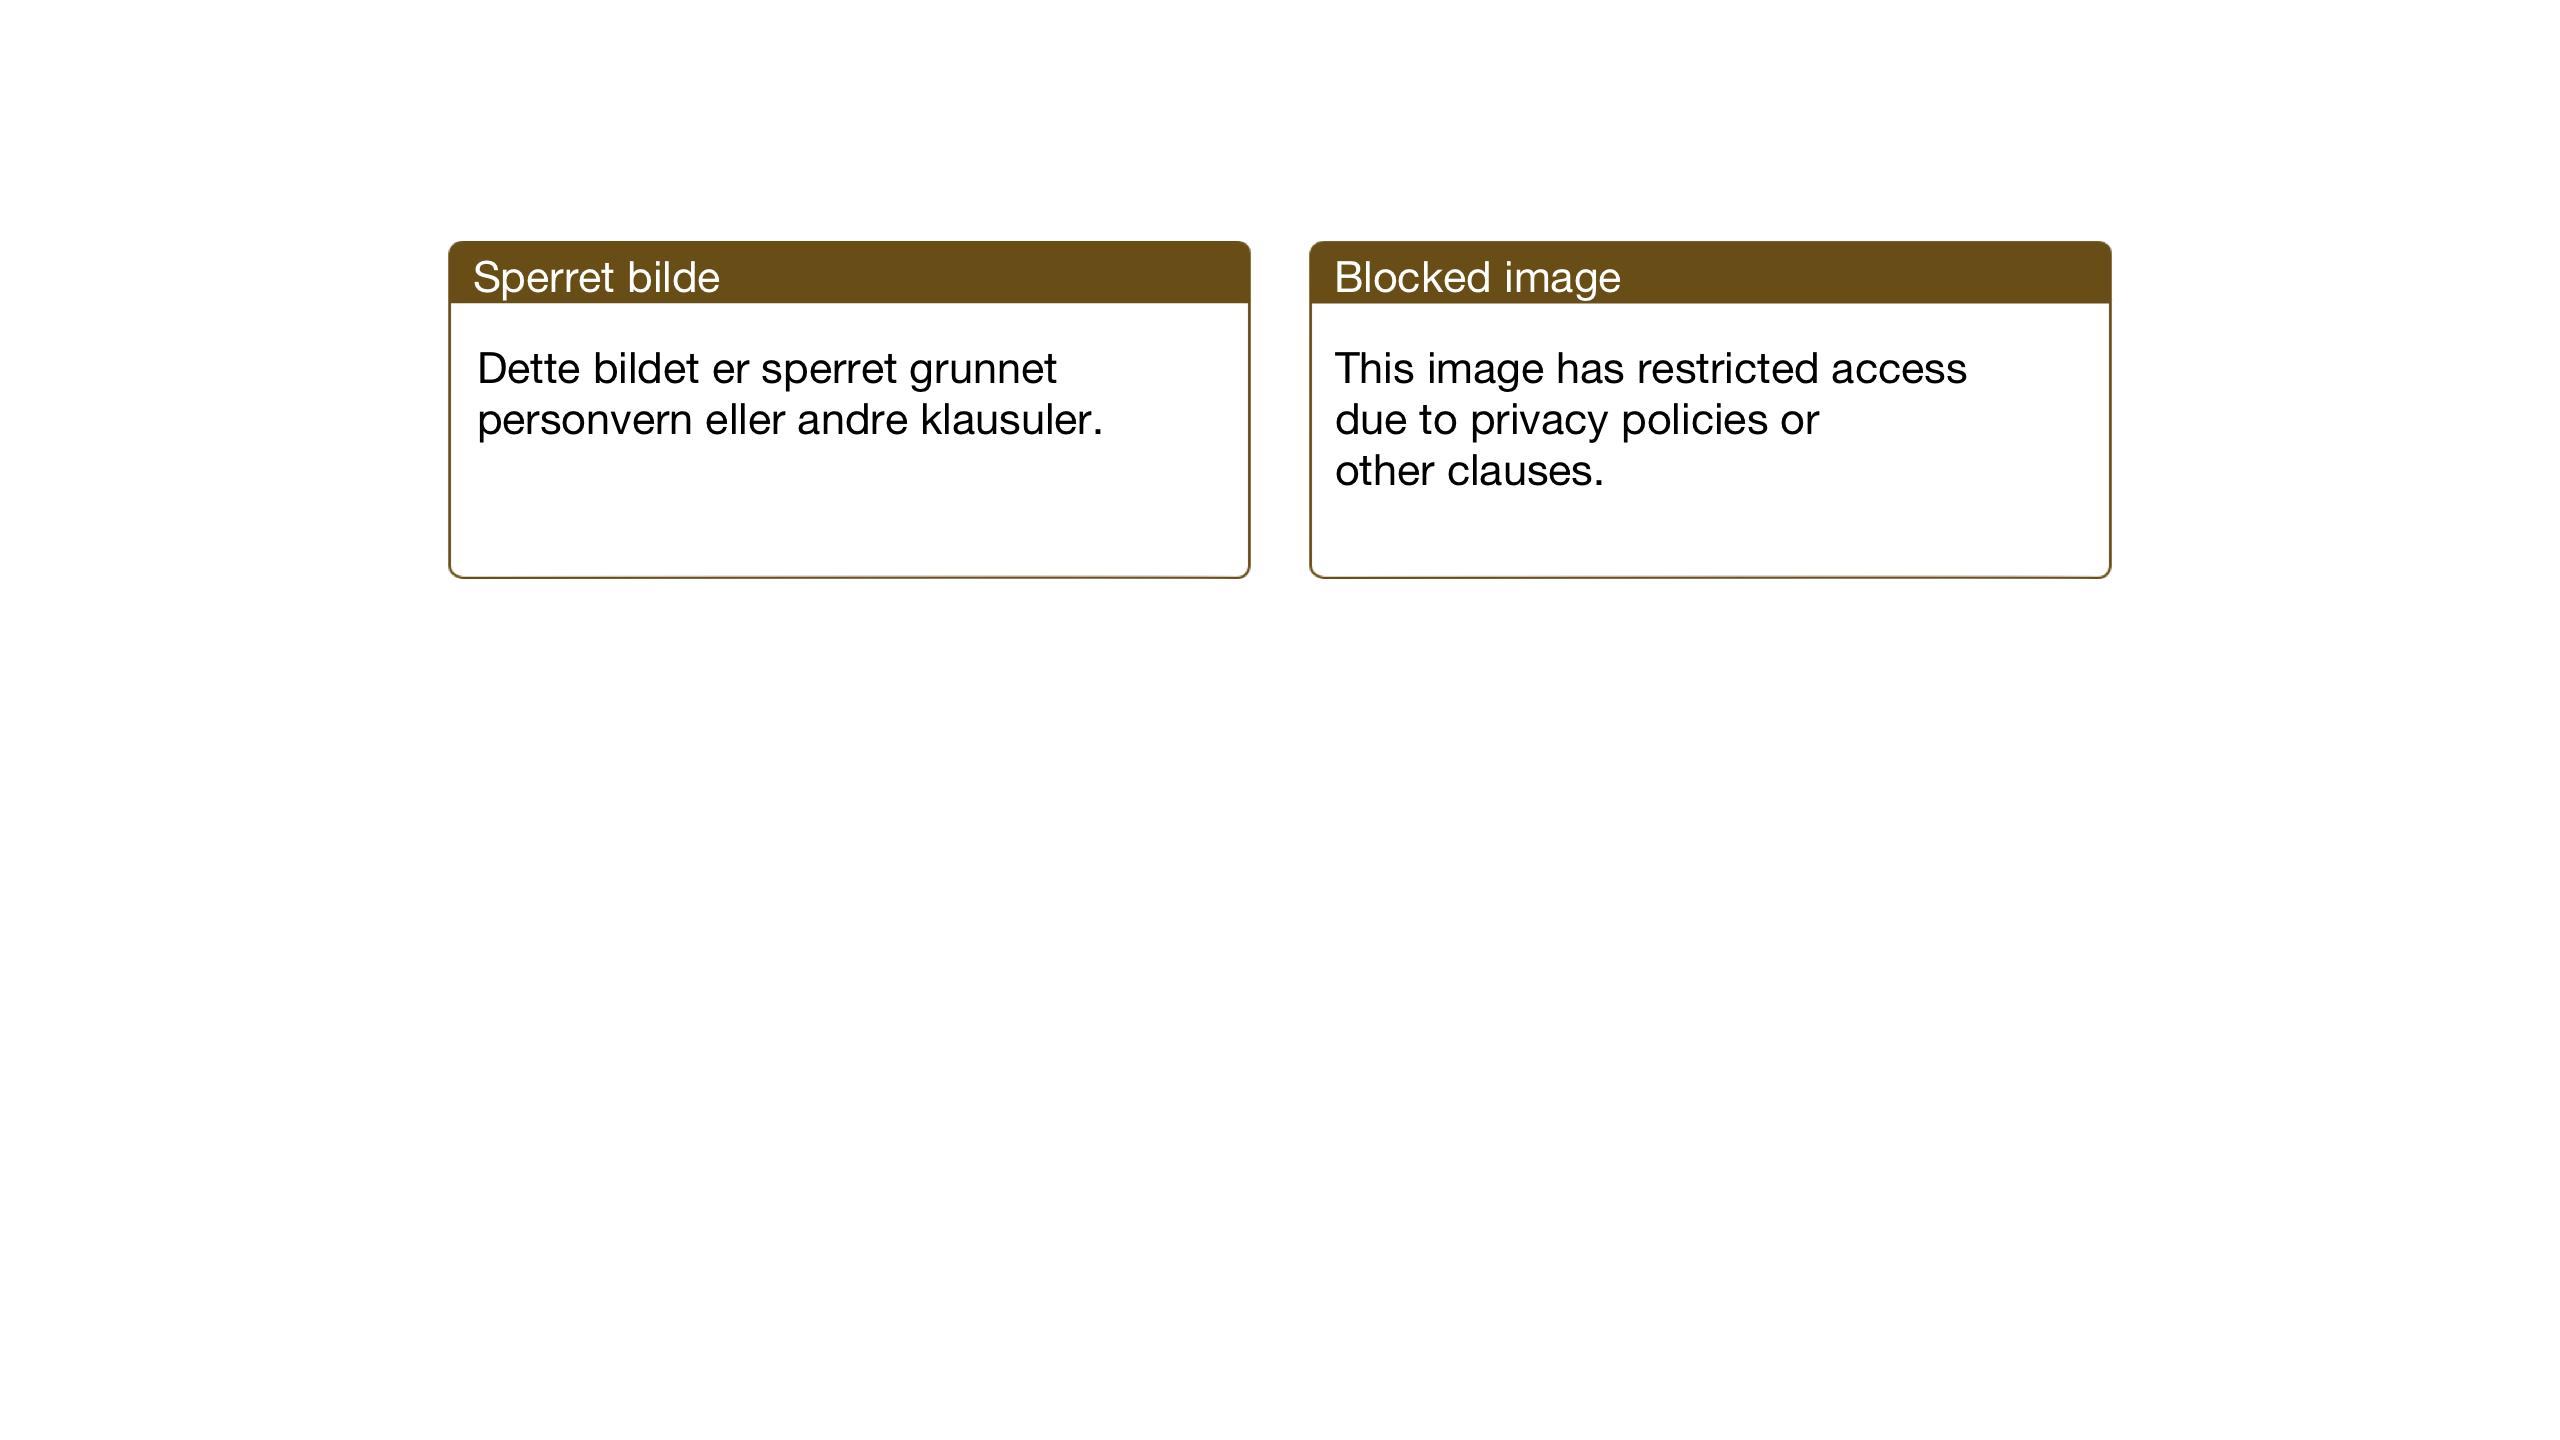 SAT, Ministerialprotokoller, klokkerbøker og fødselsregistre - Sør-Trøndelag, 637/L0564: Klokkerbok nr. 637C05, 1928-1968, s. 124